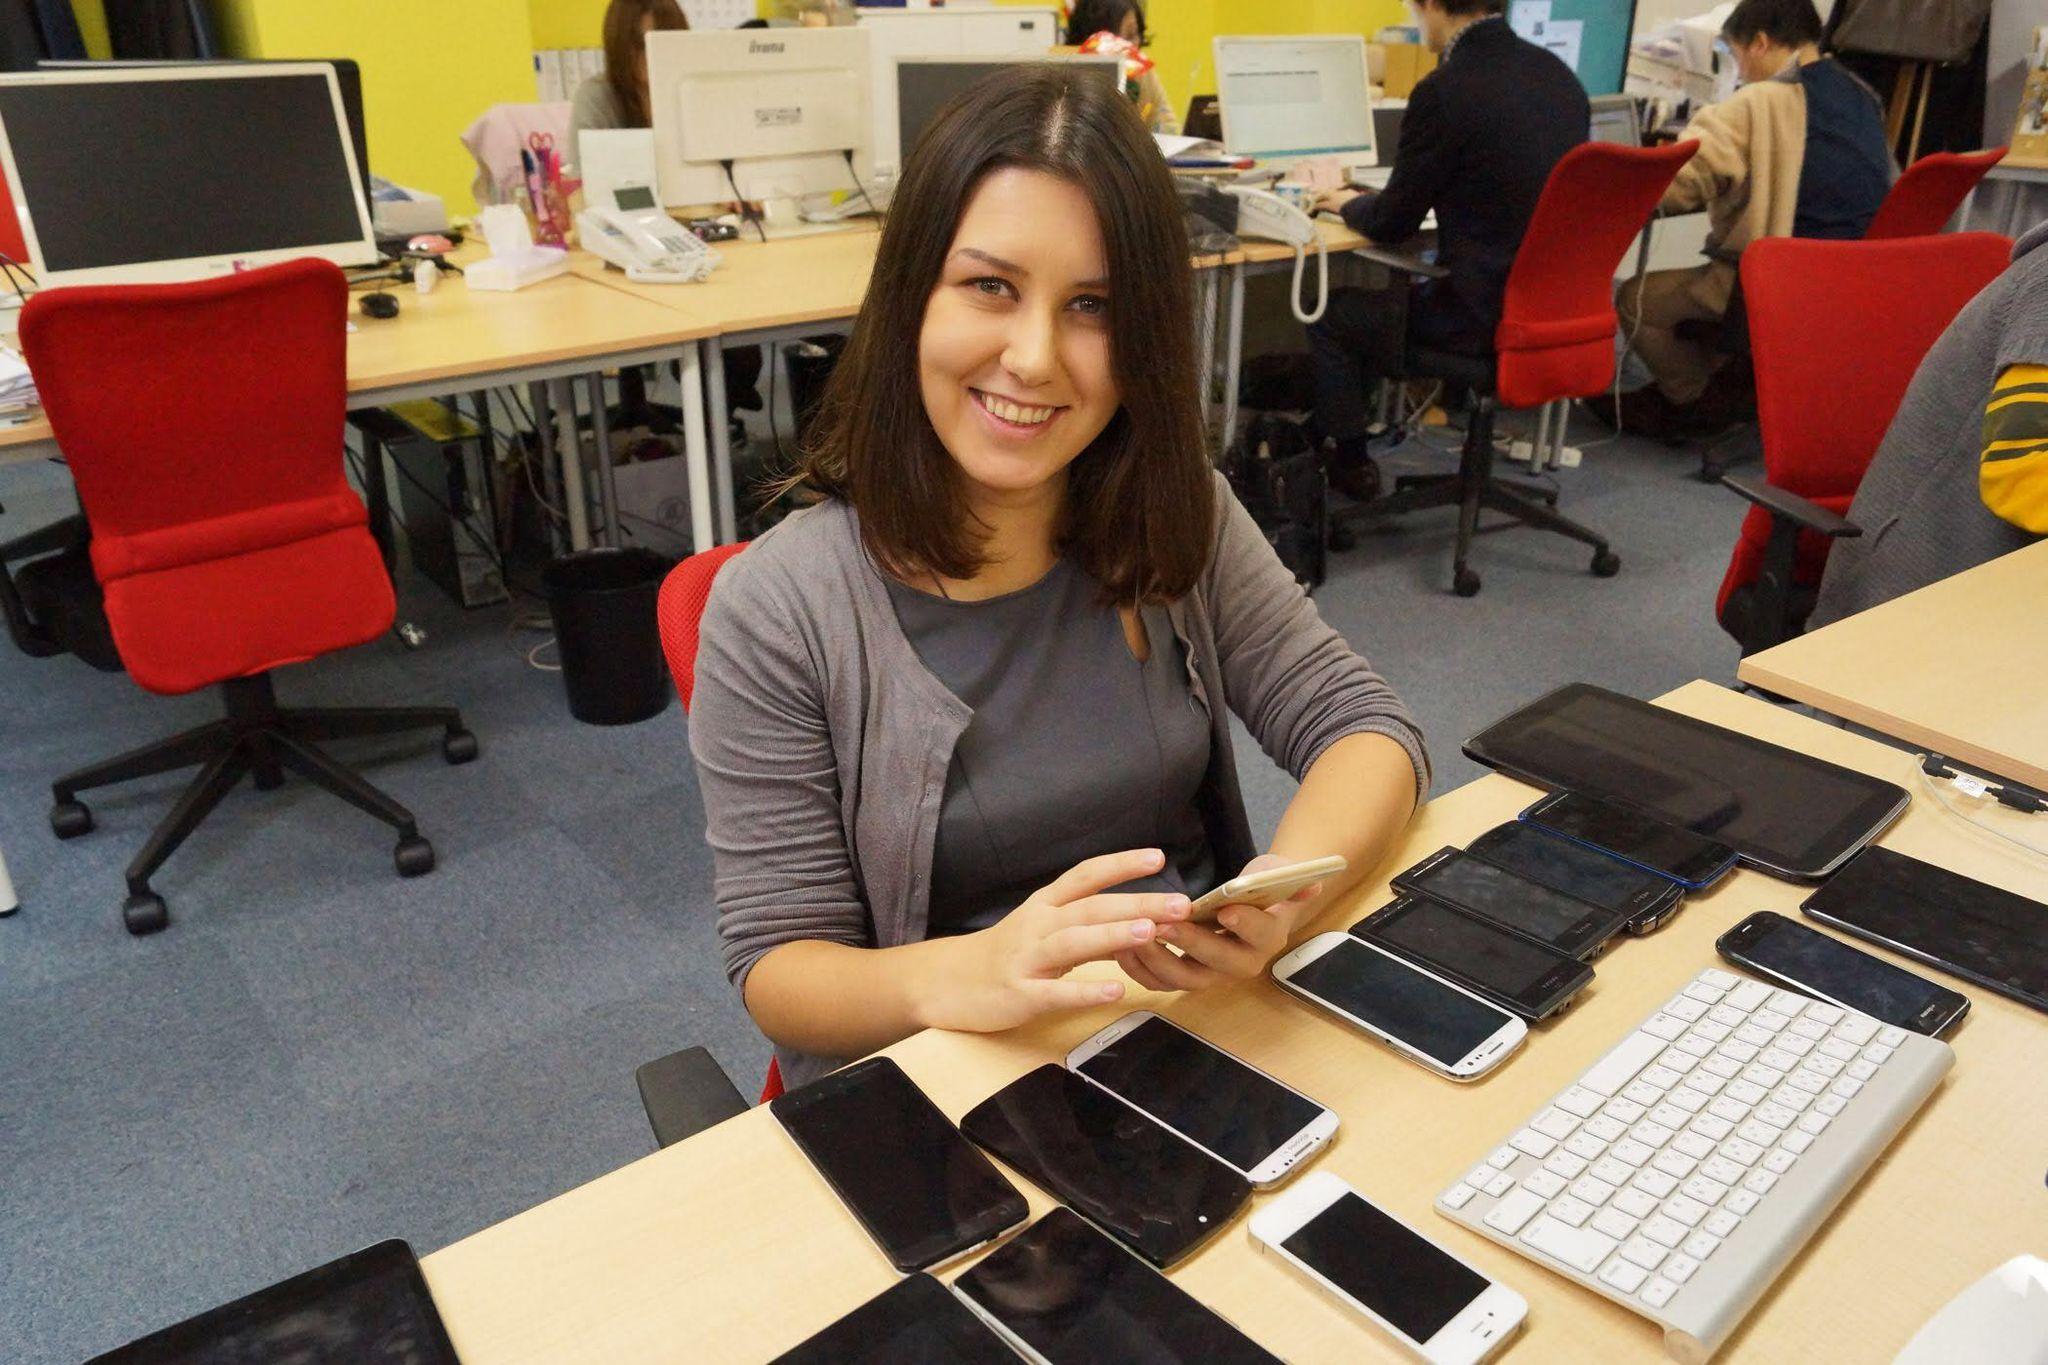 Наташа Бирюкова в процессе работы (тестирование веб сайта на разных телефонах). Из личного архива героини